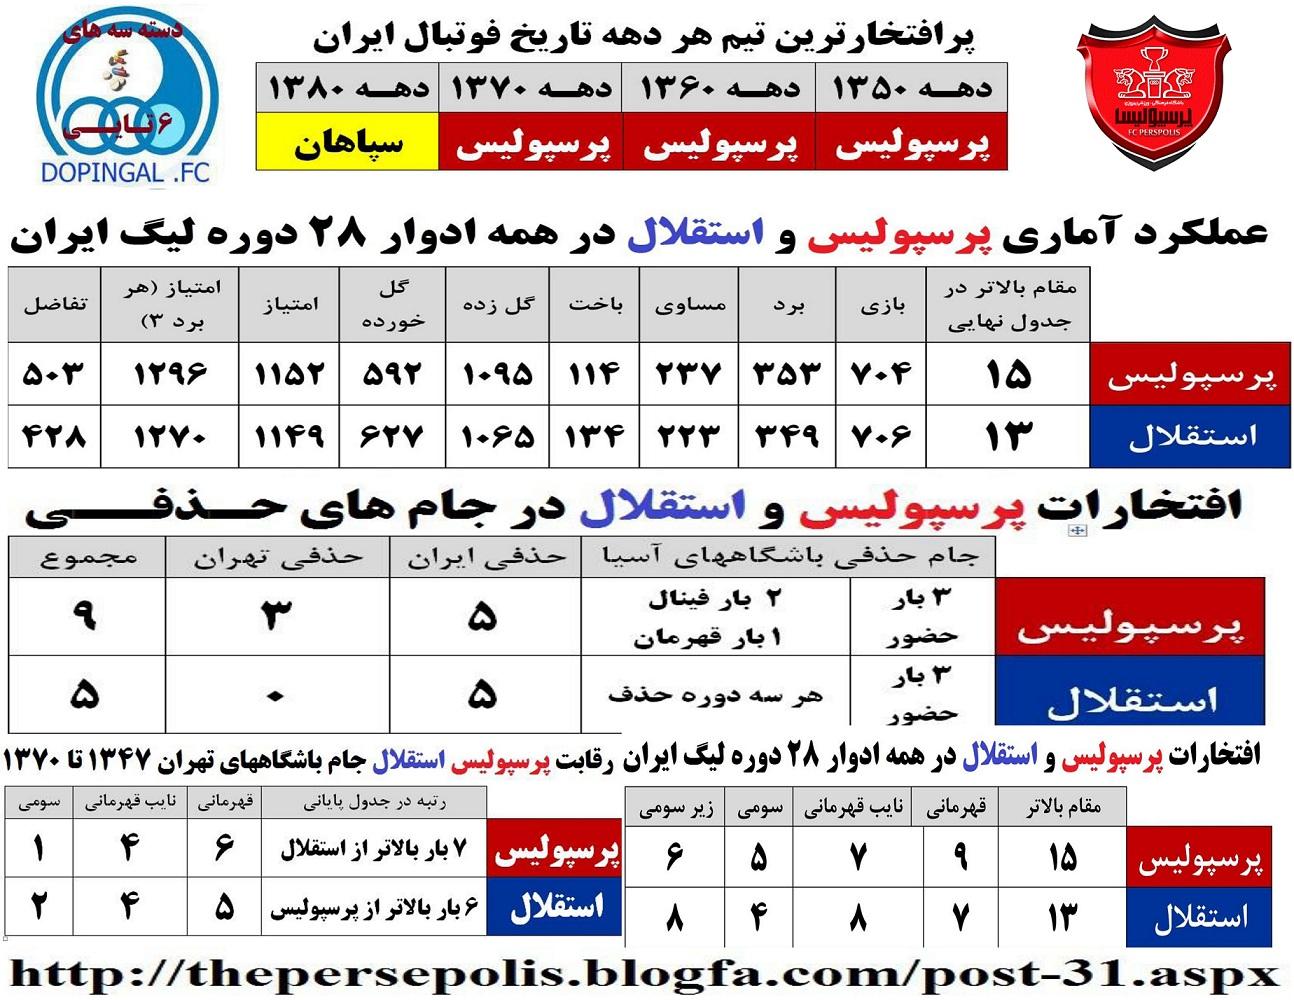 پرافتخارترین تیم تاریخ فوتبال ایران